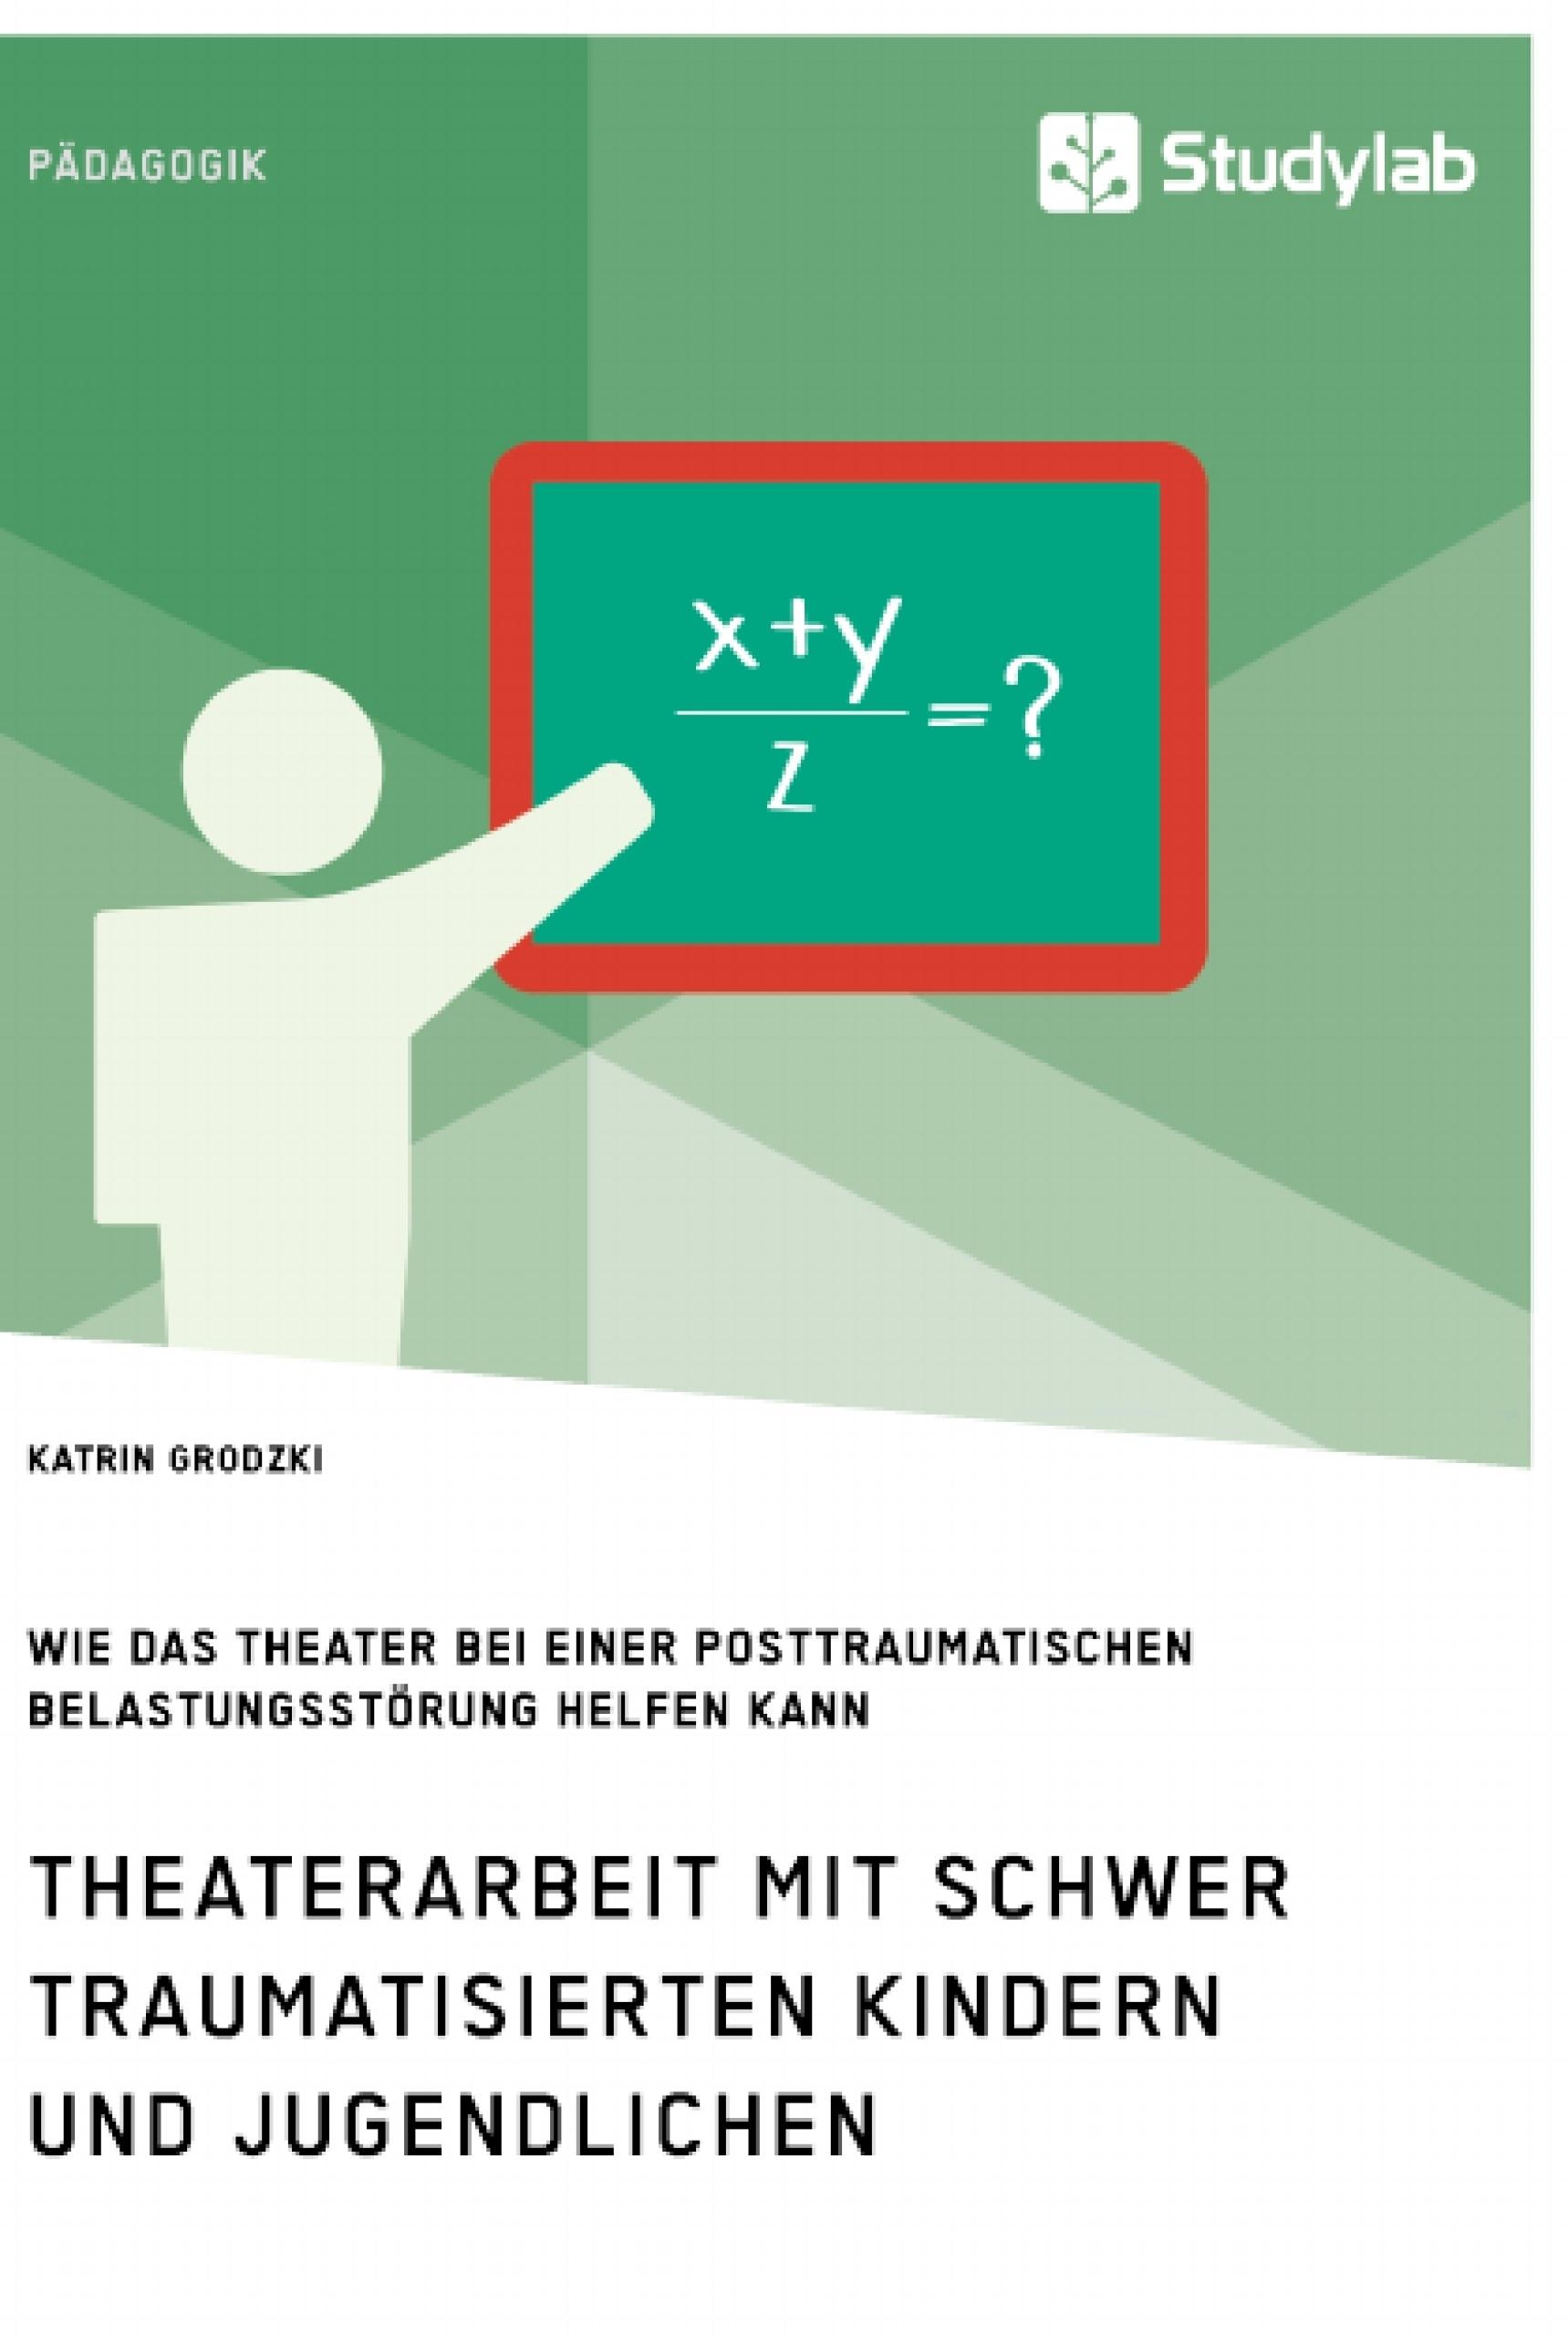 Titel: Theaterarbeit mit schwer traumatisierten Kindern und Jugendlichen. Wie das Theater bei einer Posttraumatischen Belastungsstörung helfen kann